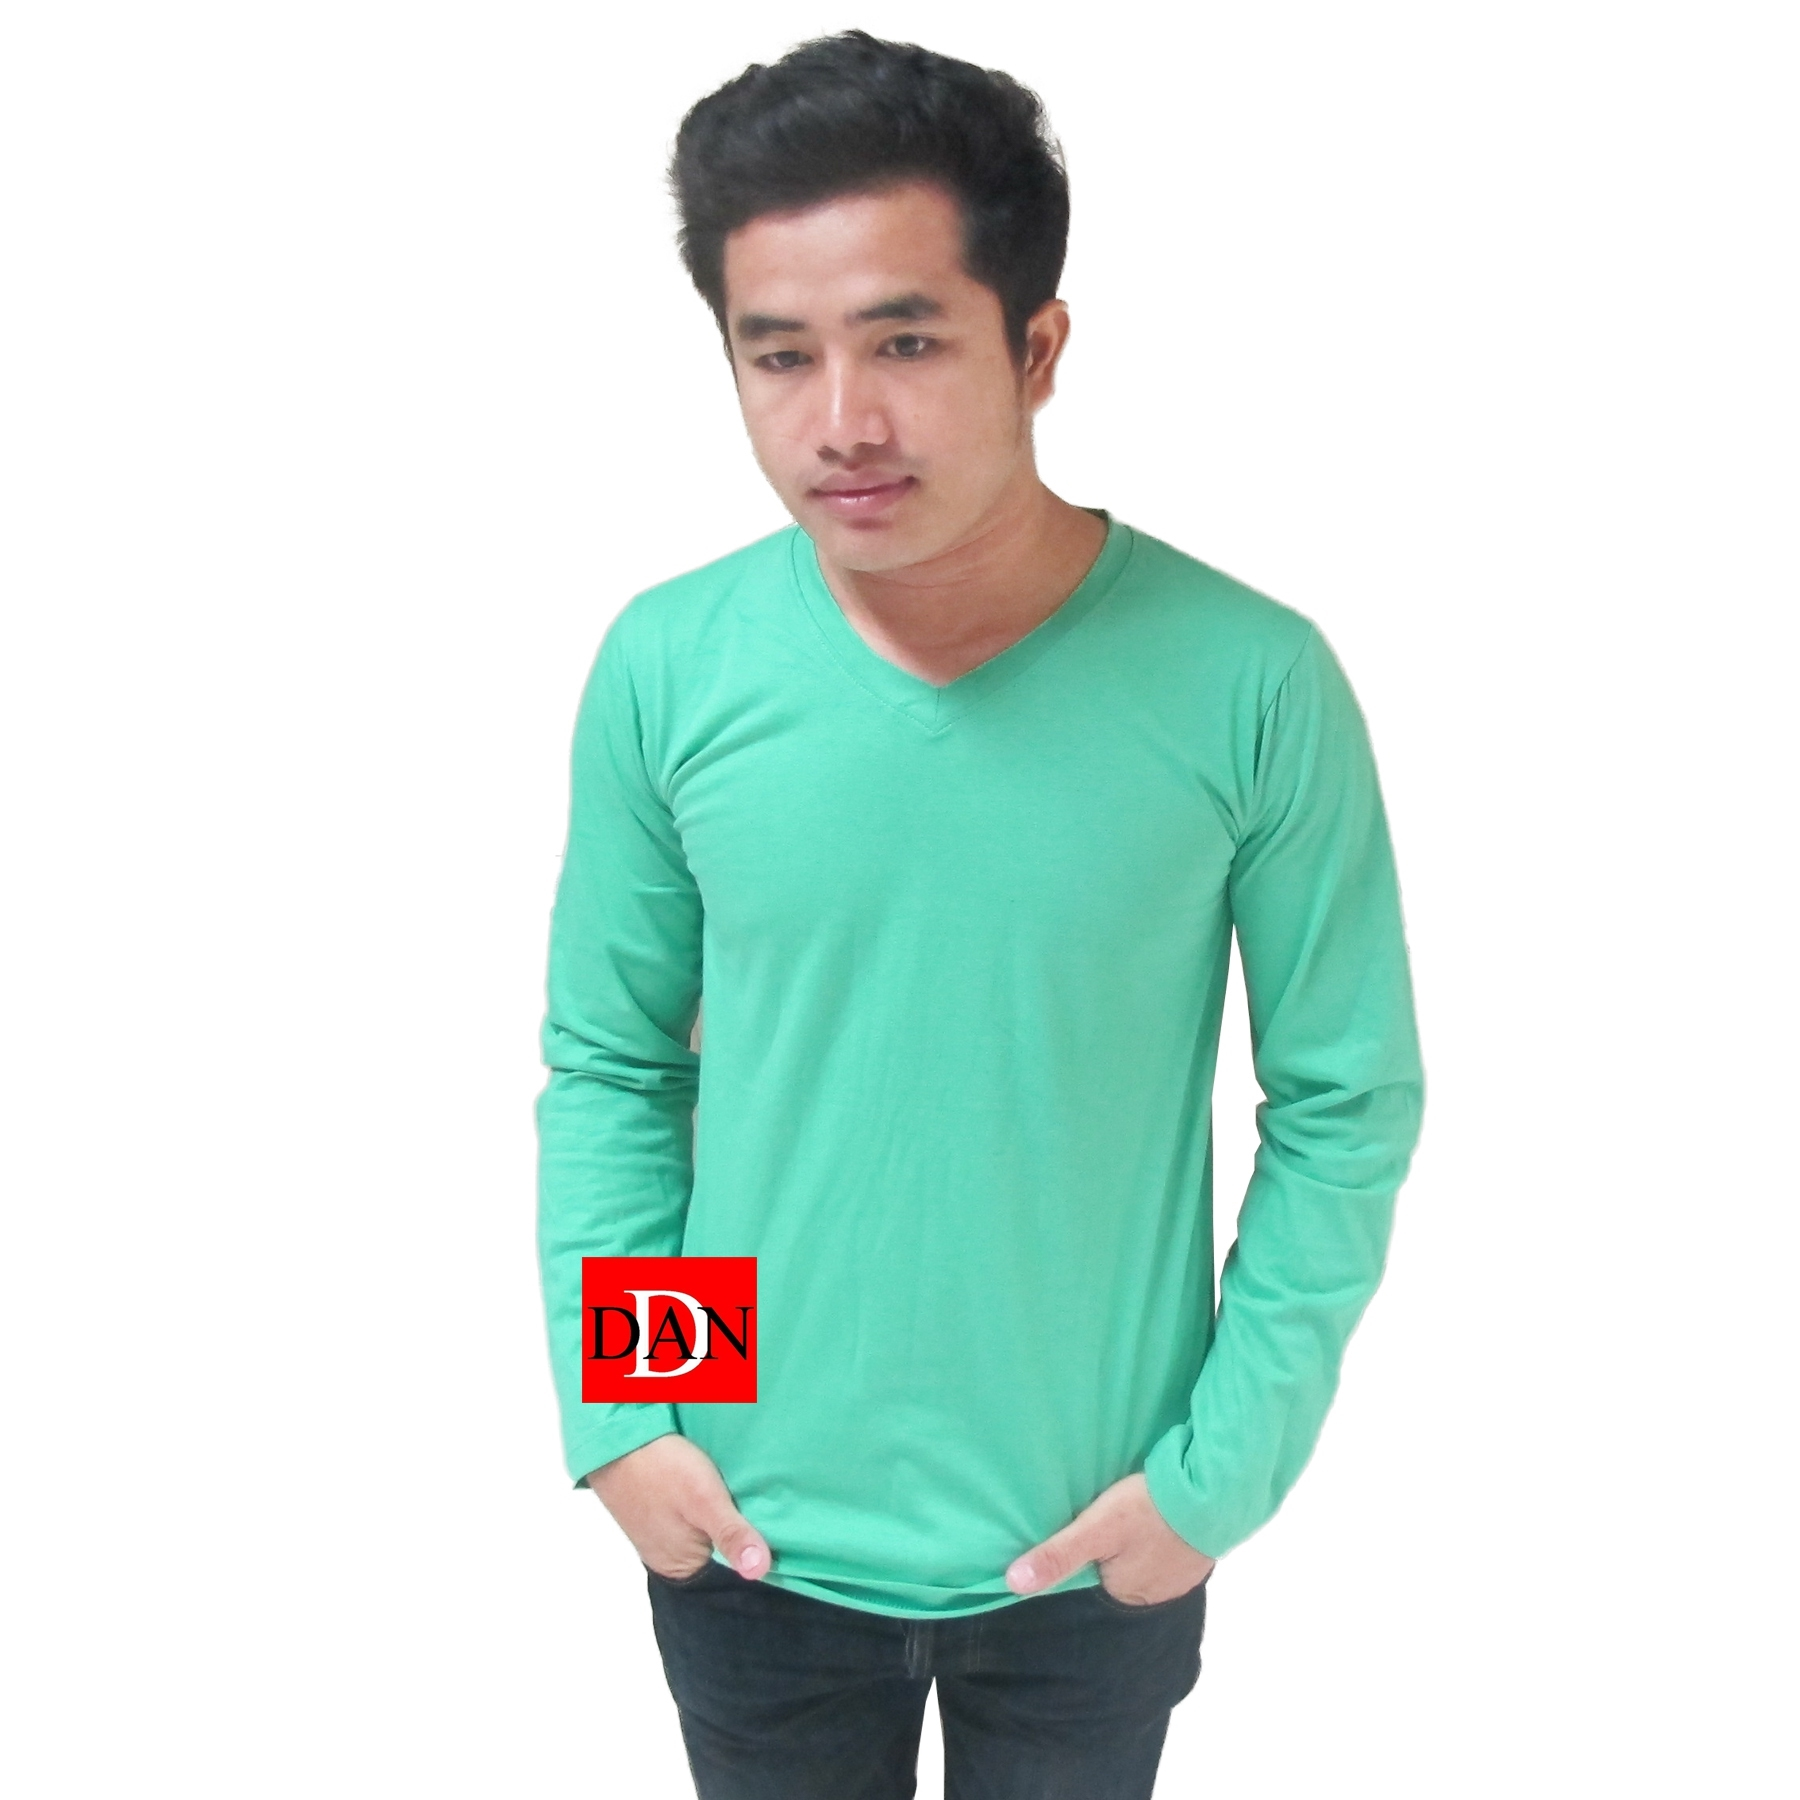 เสื้อแขนยาว คอวี สีเขียวมิ้น